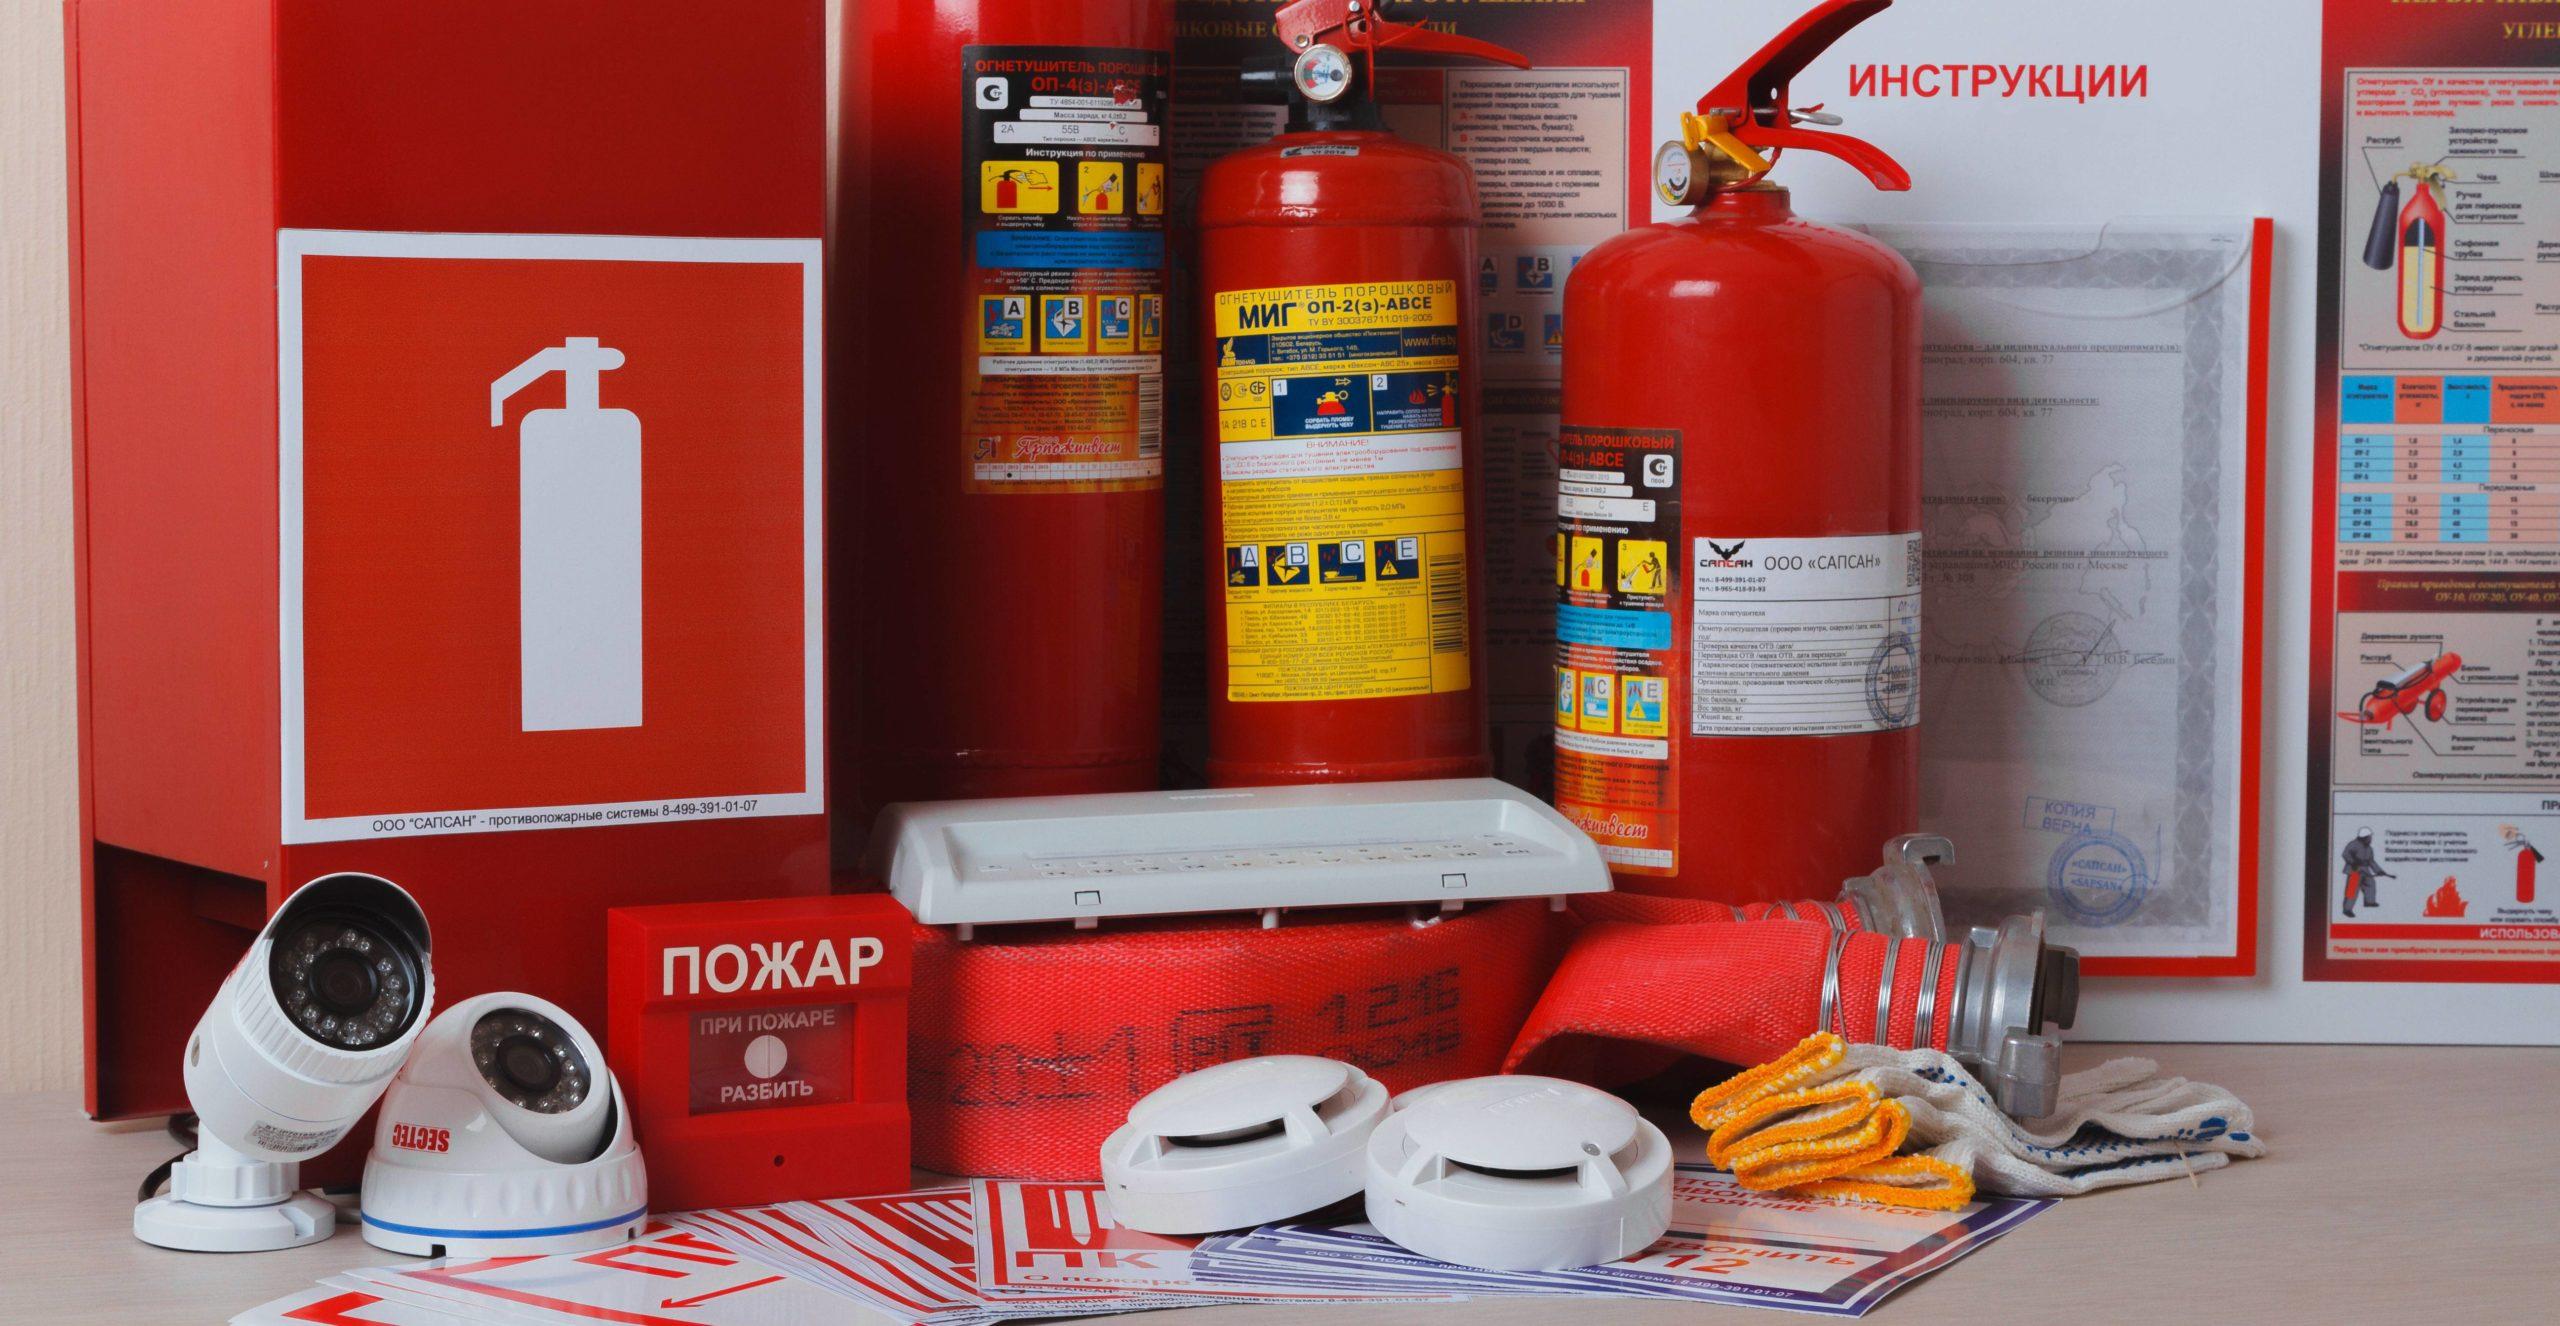 Пожарно-технический минимум на электросетевых предприятиях ( МЭС Северо-Запада 06.07.2021-12.07.2021)